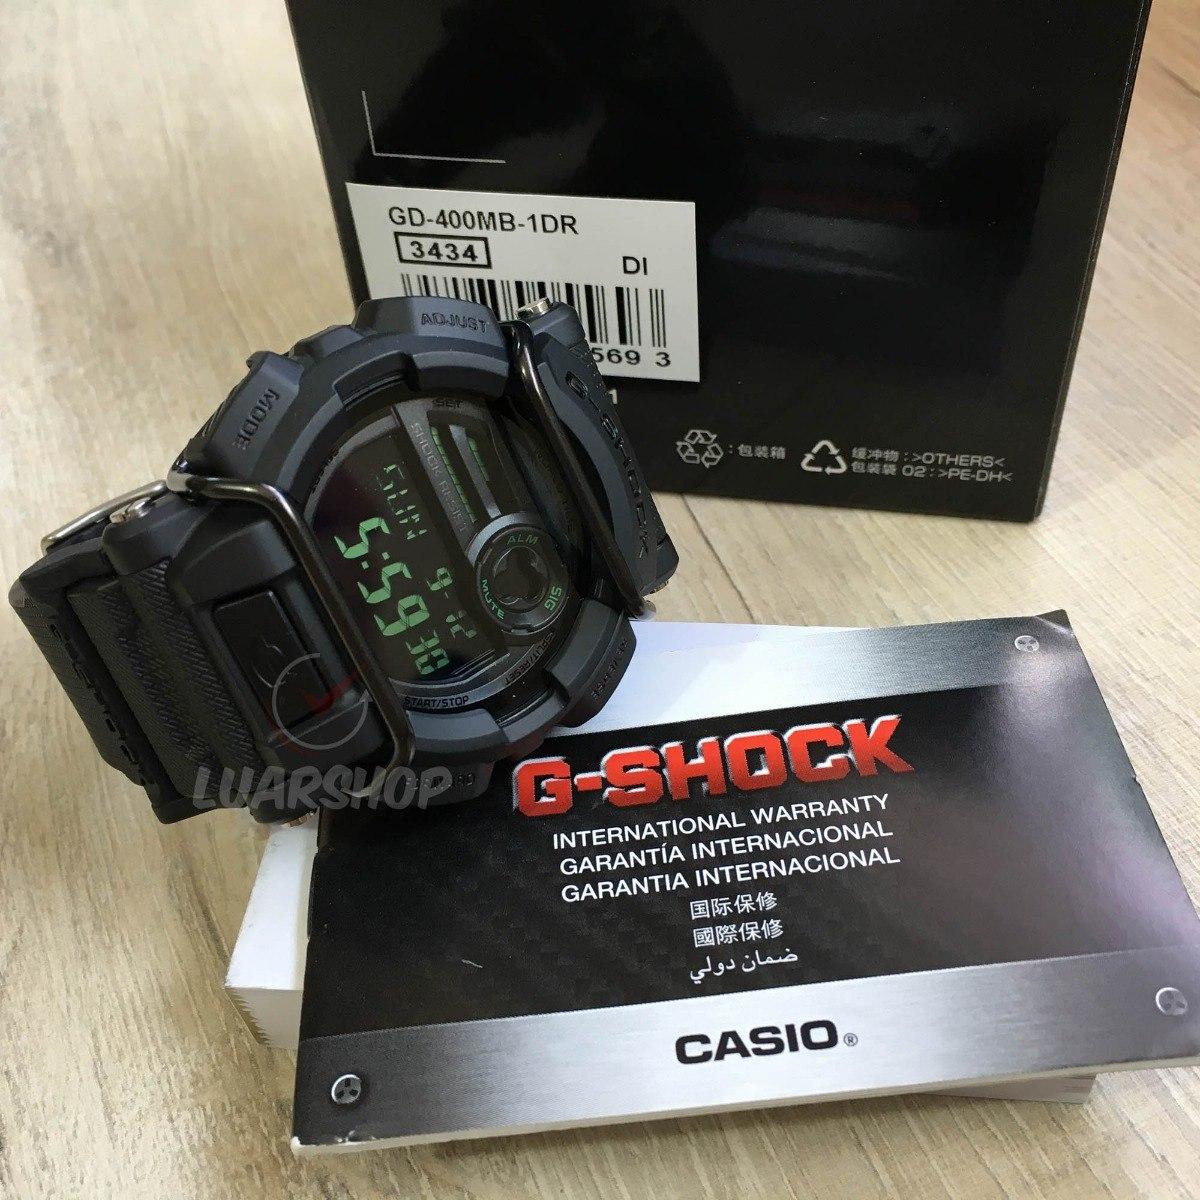 Relogio Casio G Shock Gd400mb Digital Original C Nf R 55999 Em Gd 400mb 1dr Carregando Zoom